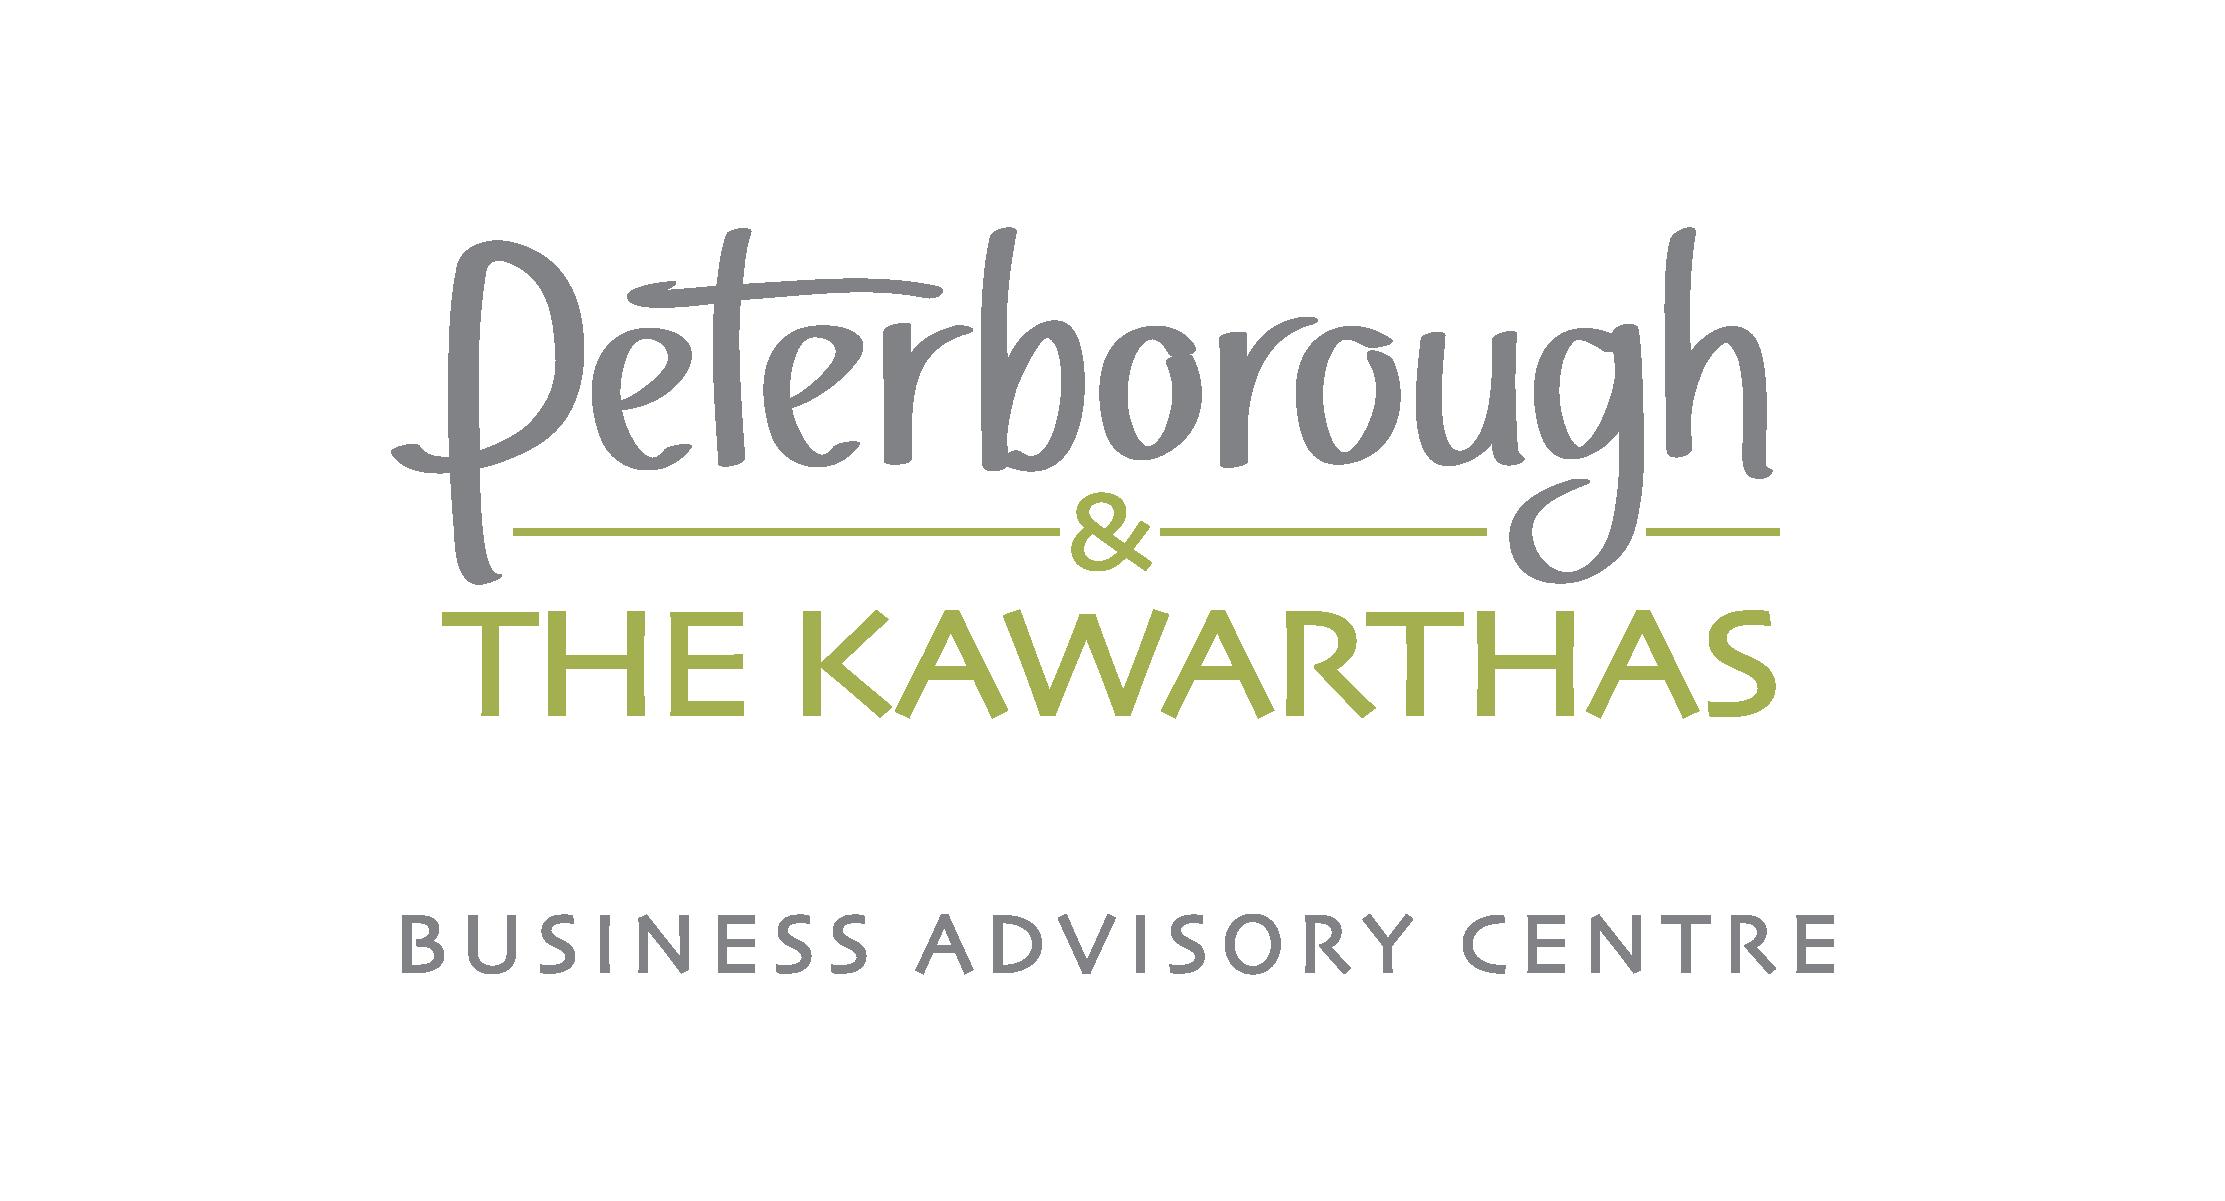 Peterborough & the Kawarthas Business Advisory Centre Logo